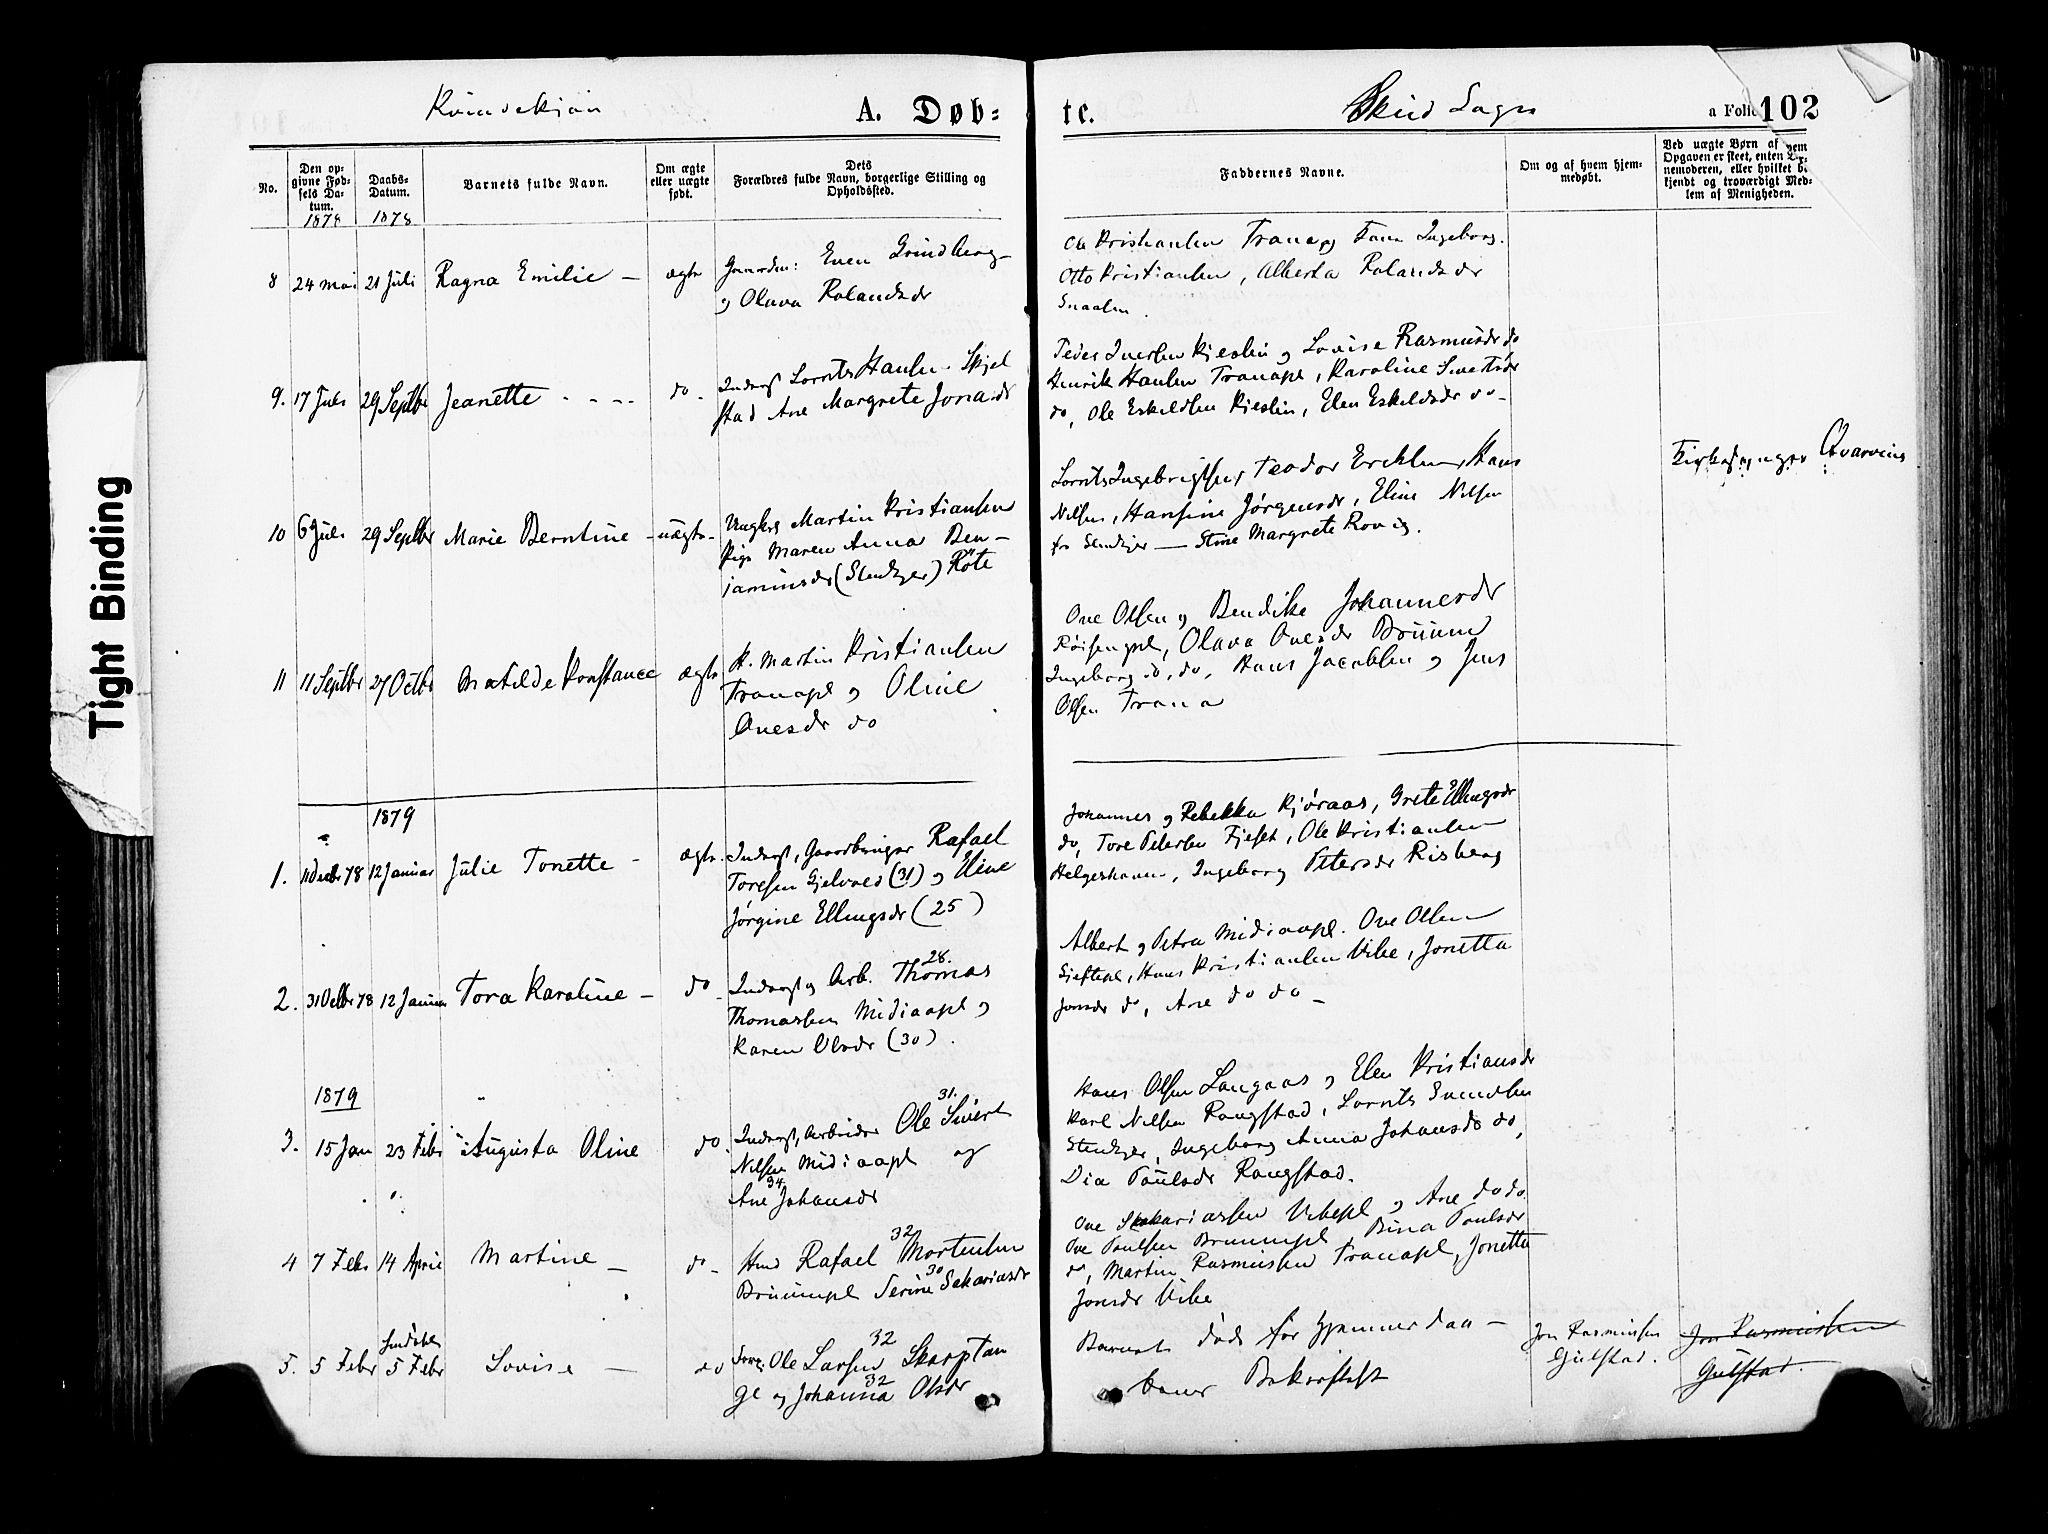 SAT, Ministerialprotokoller, klokkerbøker og fødselsregistre - Nord-Trøndelag, 735/L0348: Ministerialbok nr. 735A09 /2, 1873-1883, s. 102